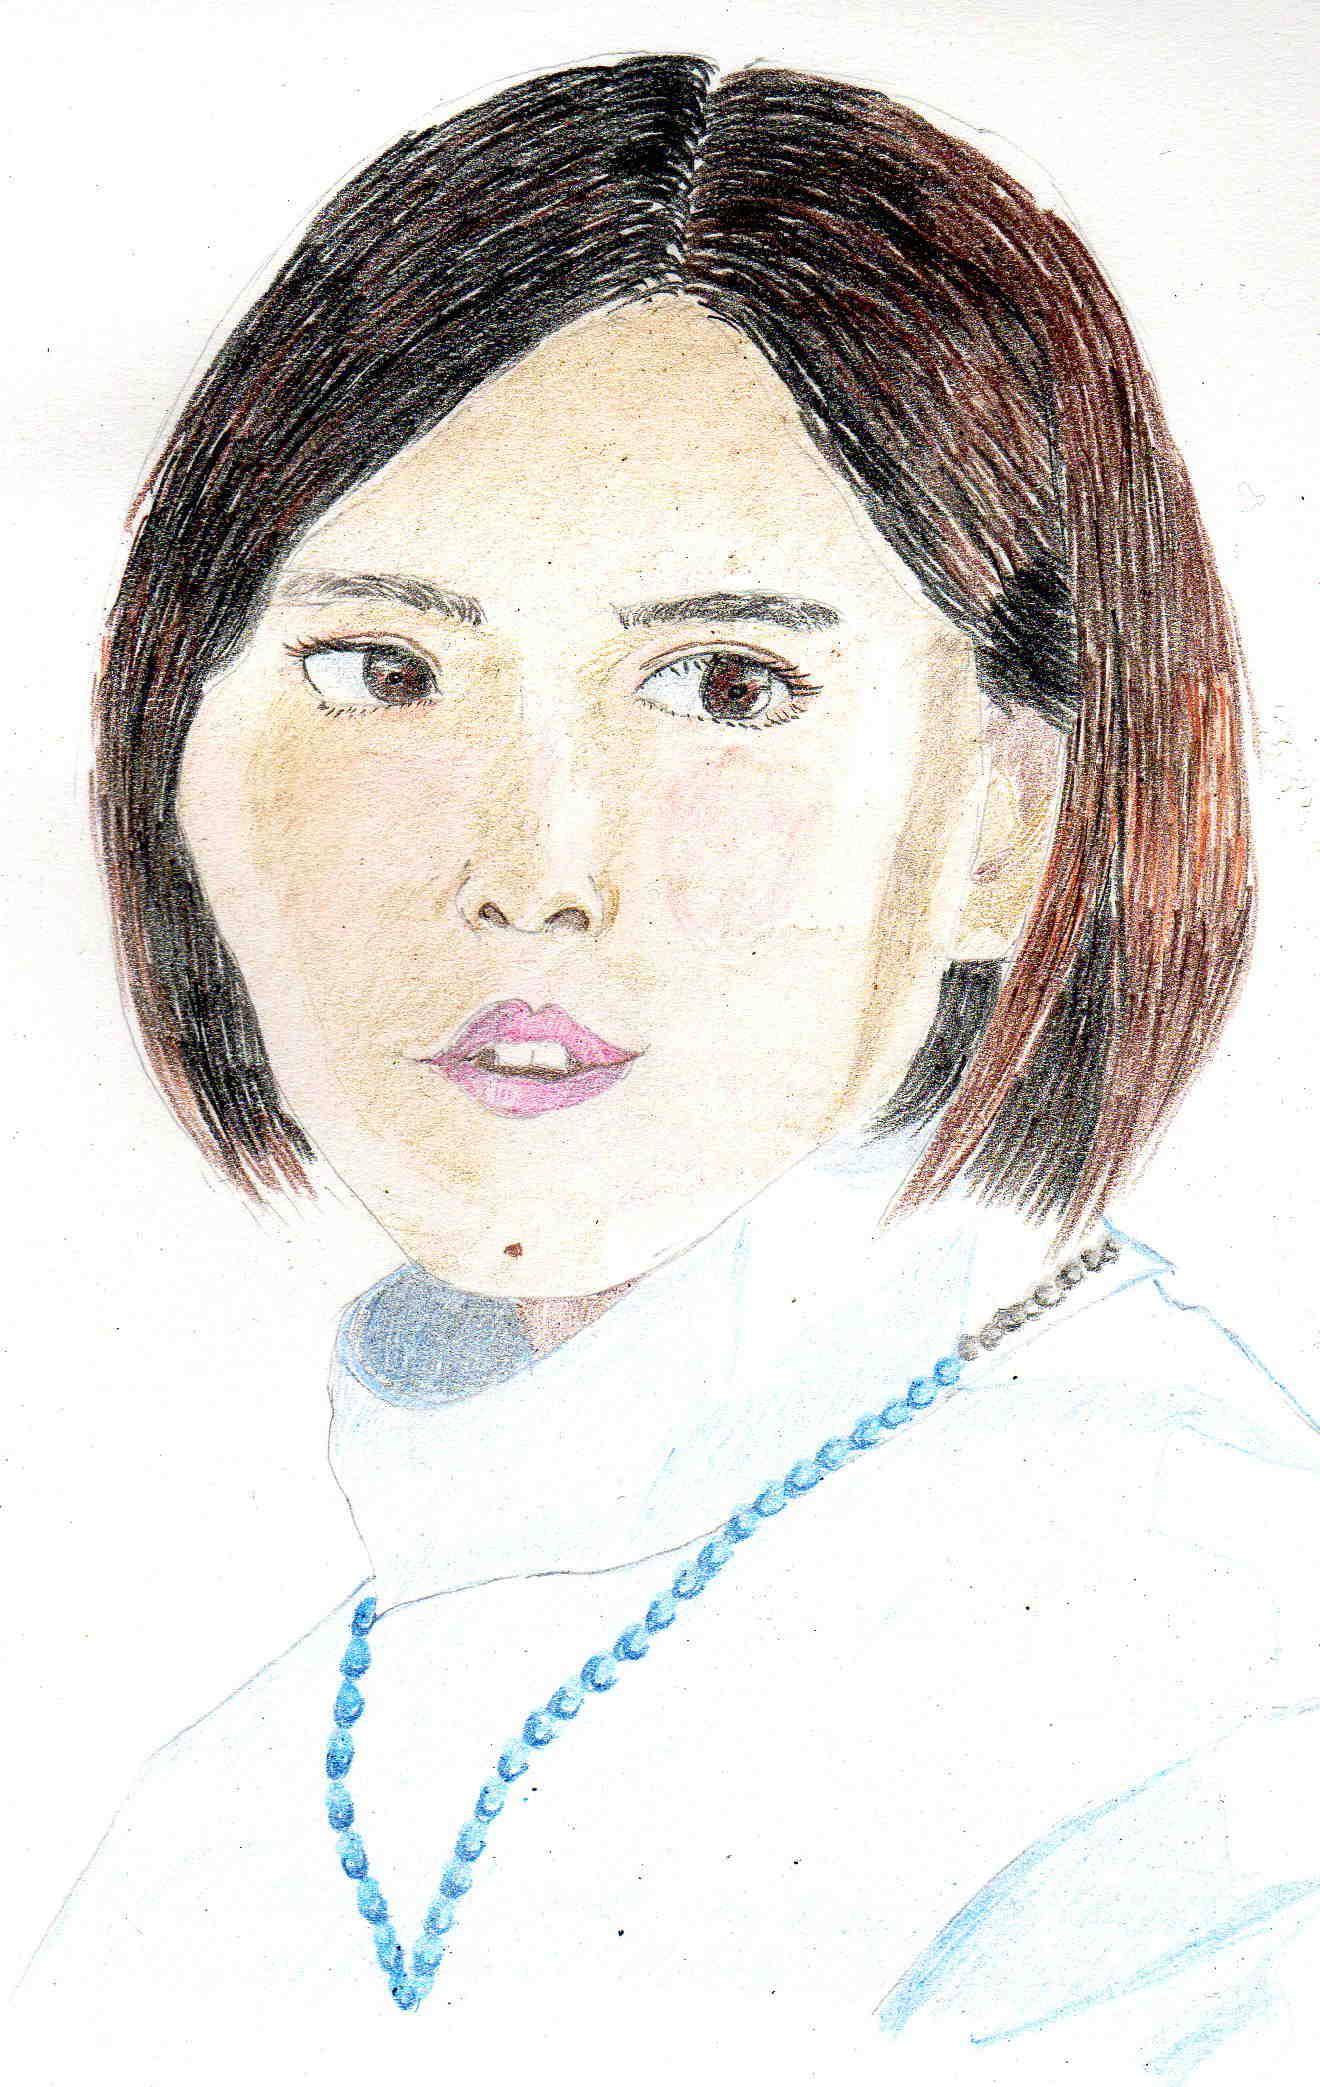 その彼女が、ドラマの中では実年齢は彼女より年上である同級生役のトリンドル玲奈さん、 川栄李奈さん、 森川葵さん、久松郁実さんを向こうにまわし、学校、学級の